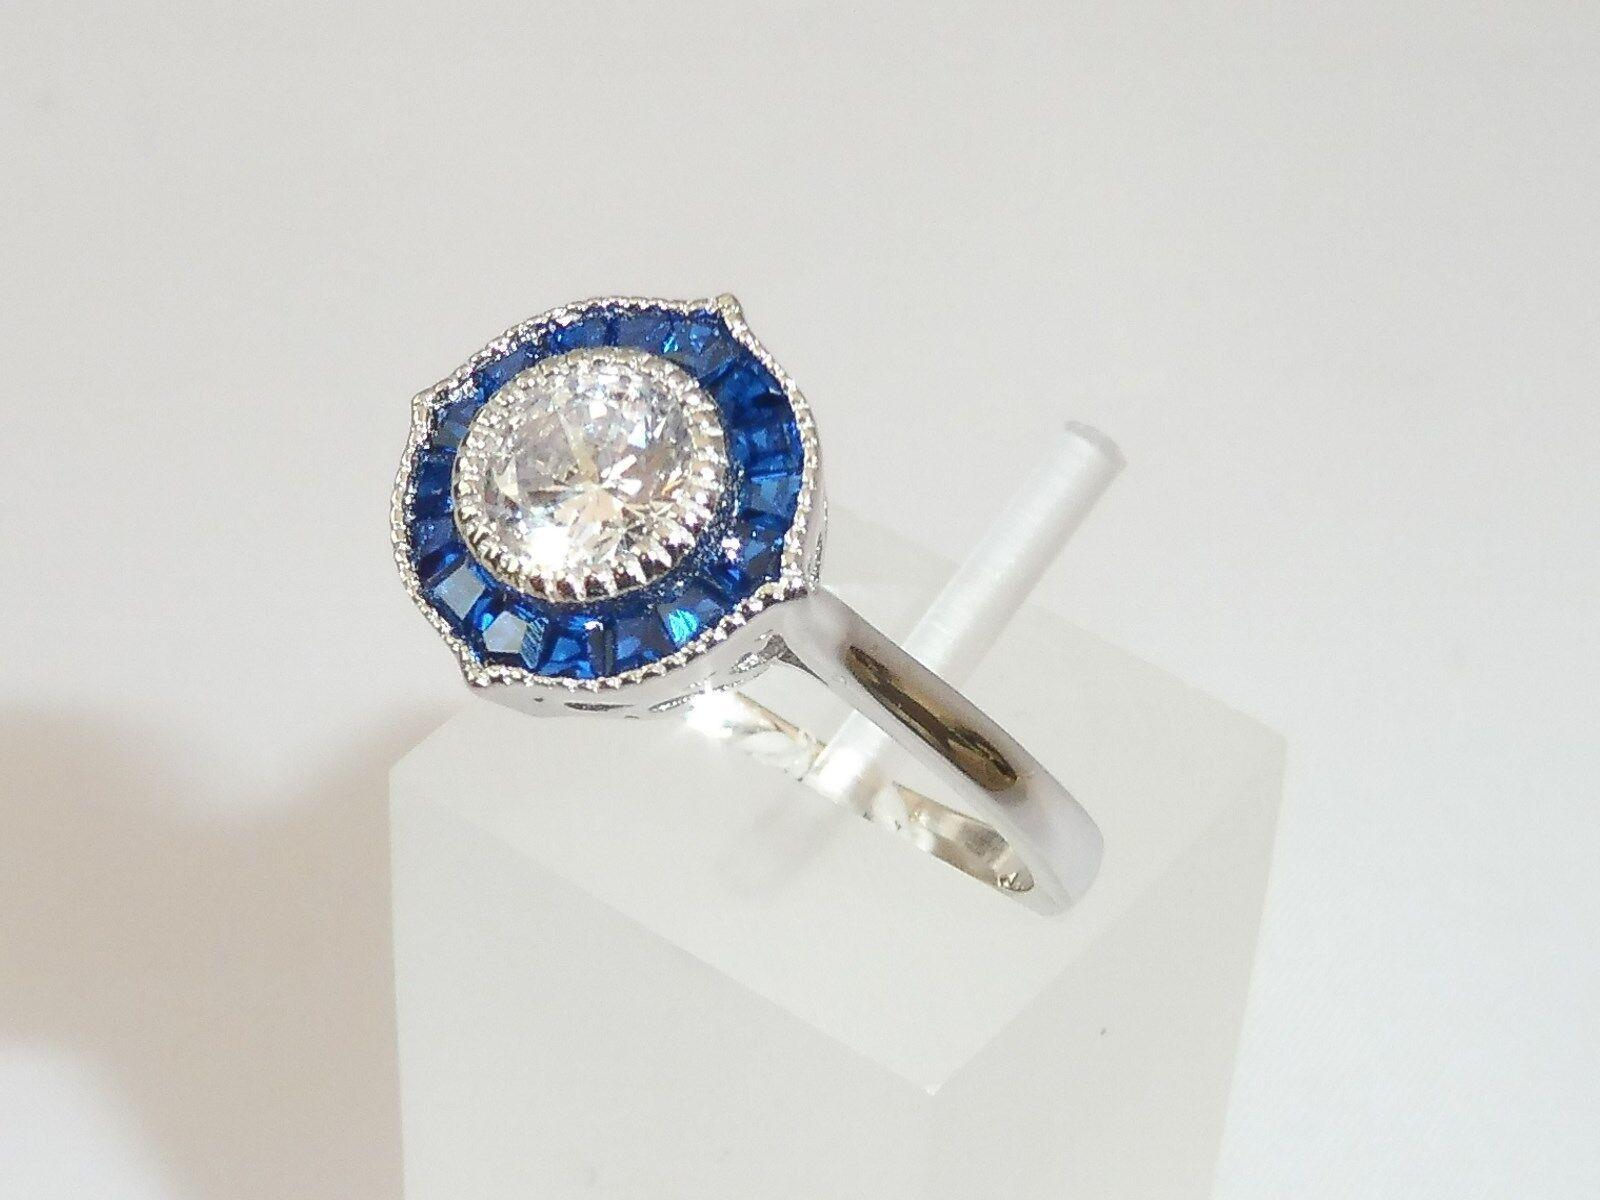 da17337705f1 Anello Art Déco Halo Design in silver sterling 925 con zaffiro blue e  bianco onokrp5064-Gemstone